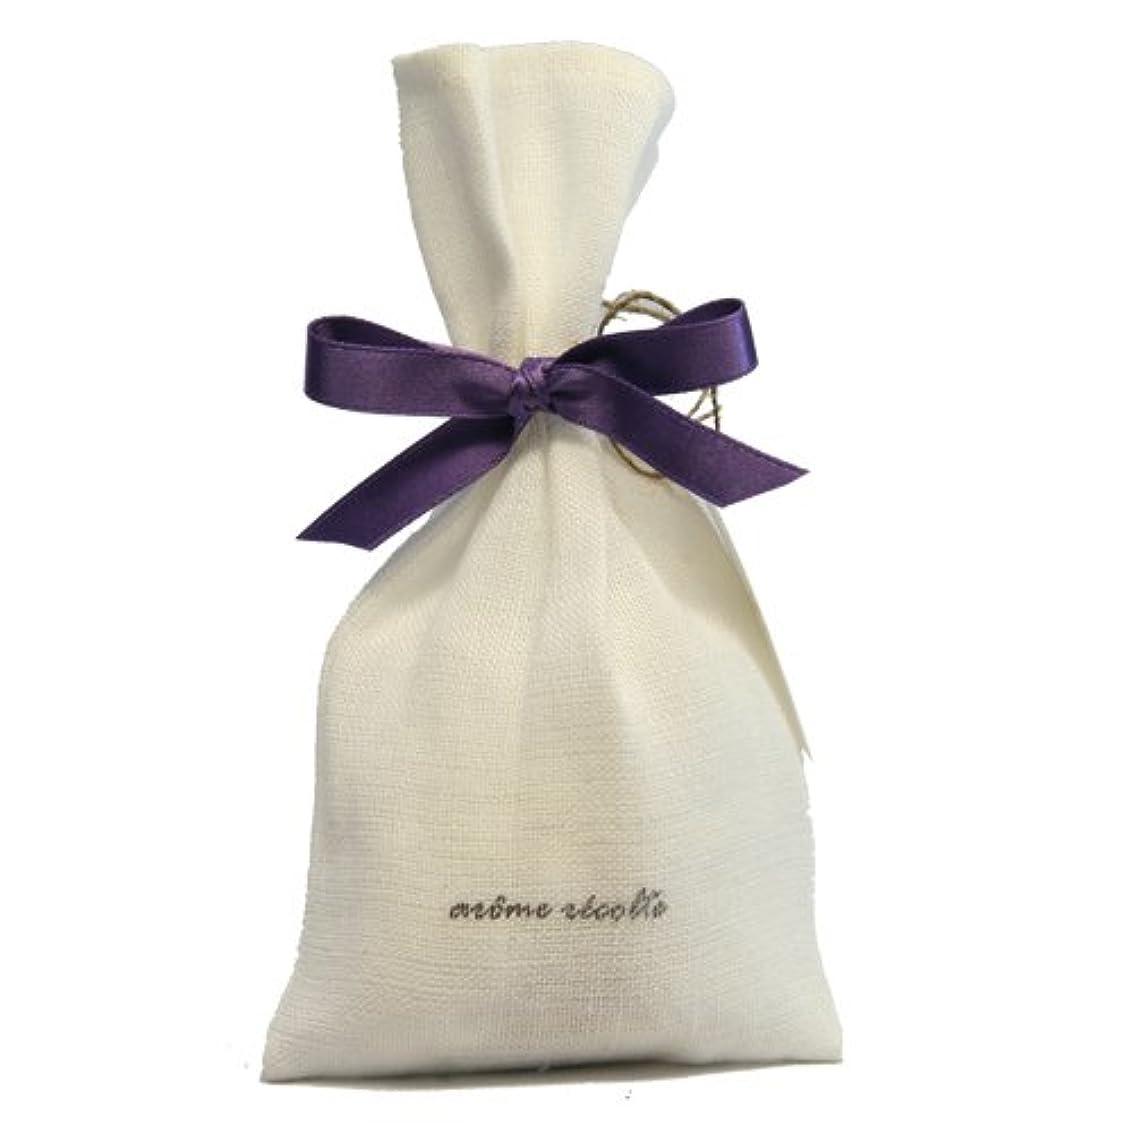 コピーヤング合併症アロマレコルト ナチュラルサシェ(香り袋) フローラル【Floral】 arome rcolte